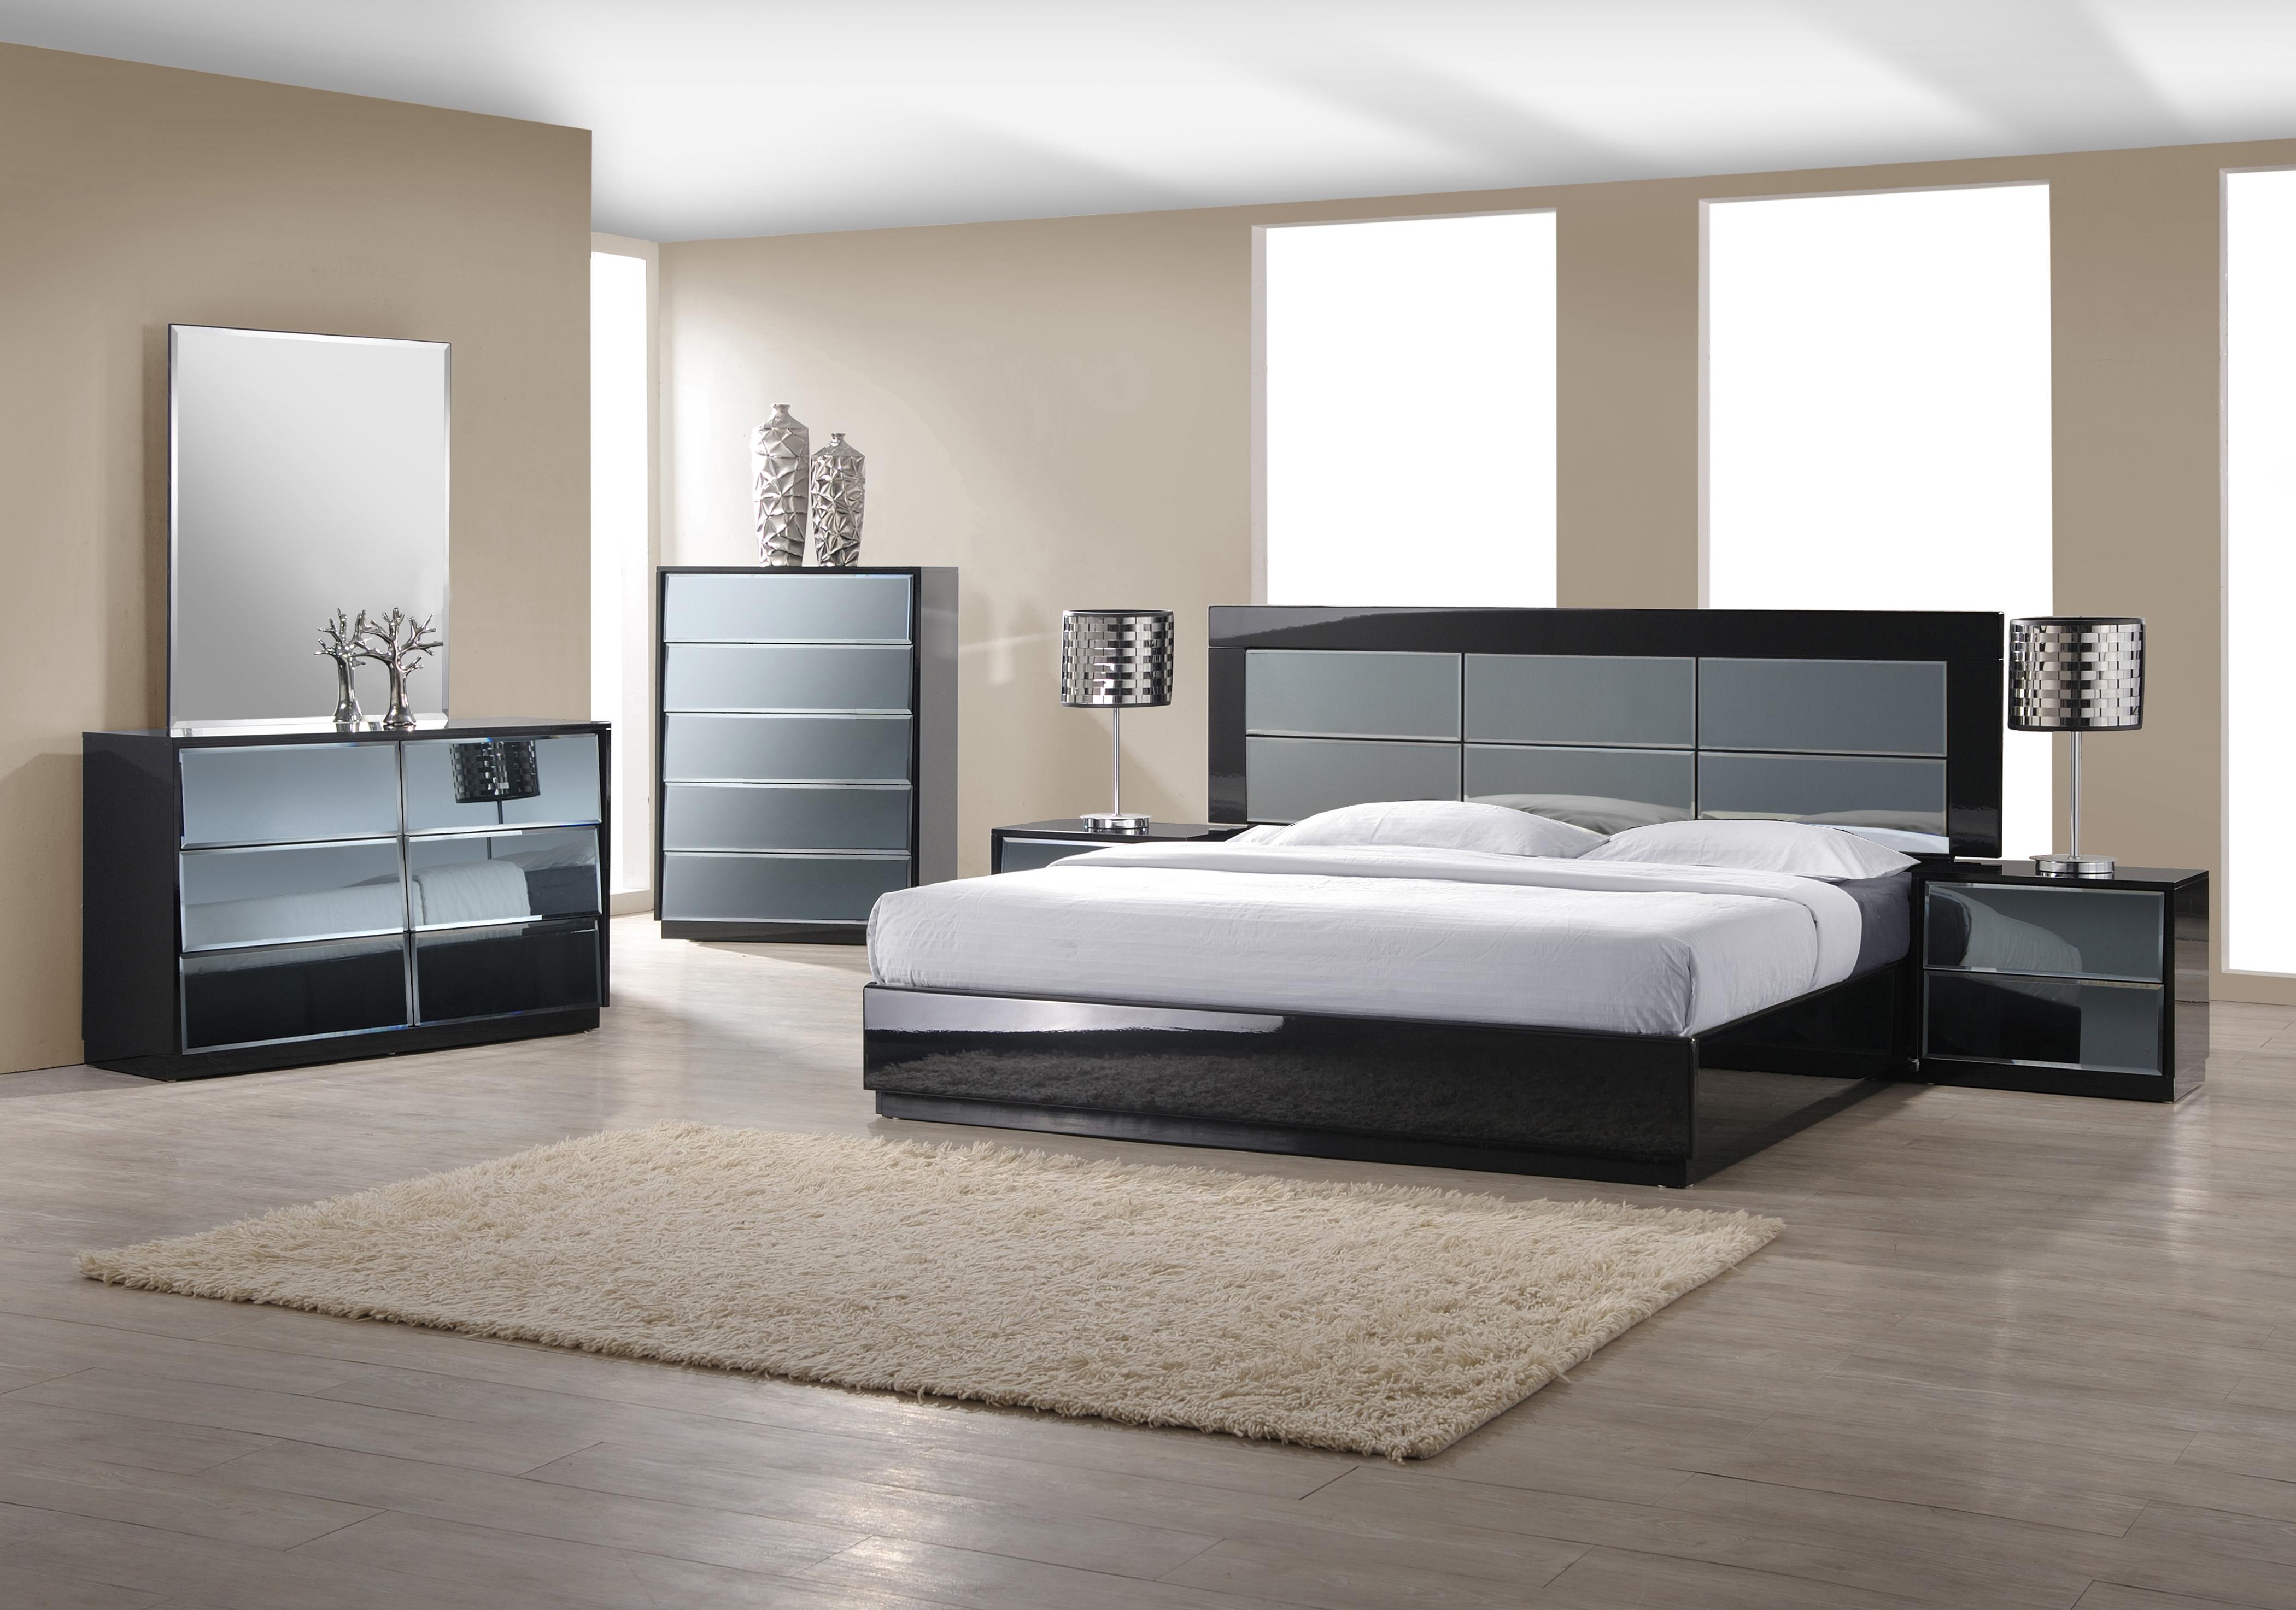 giường ngủ hiện đại 9